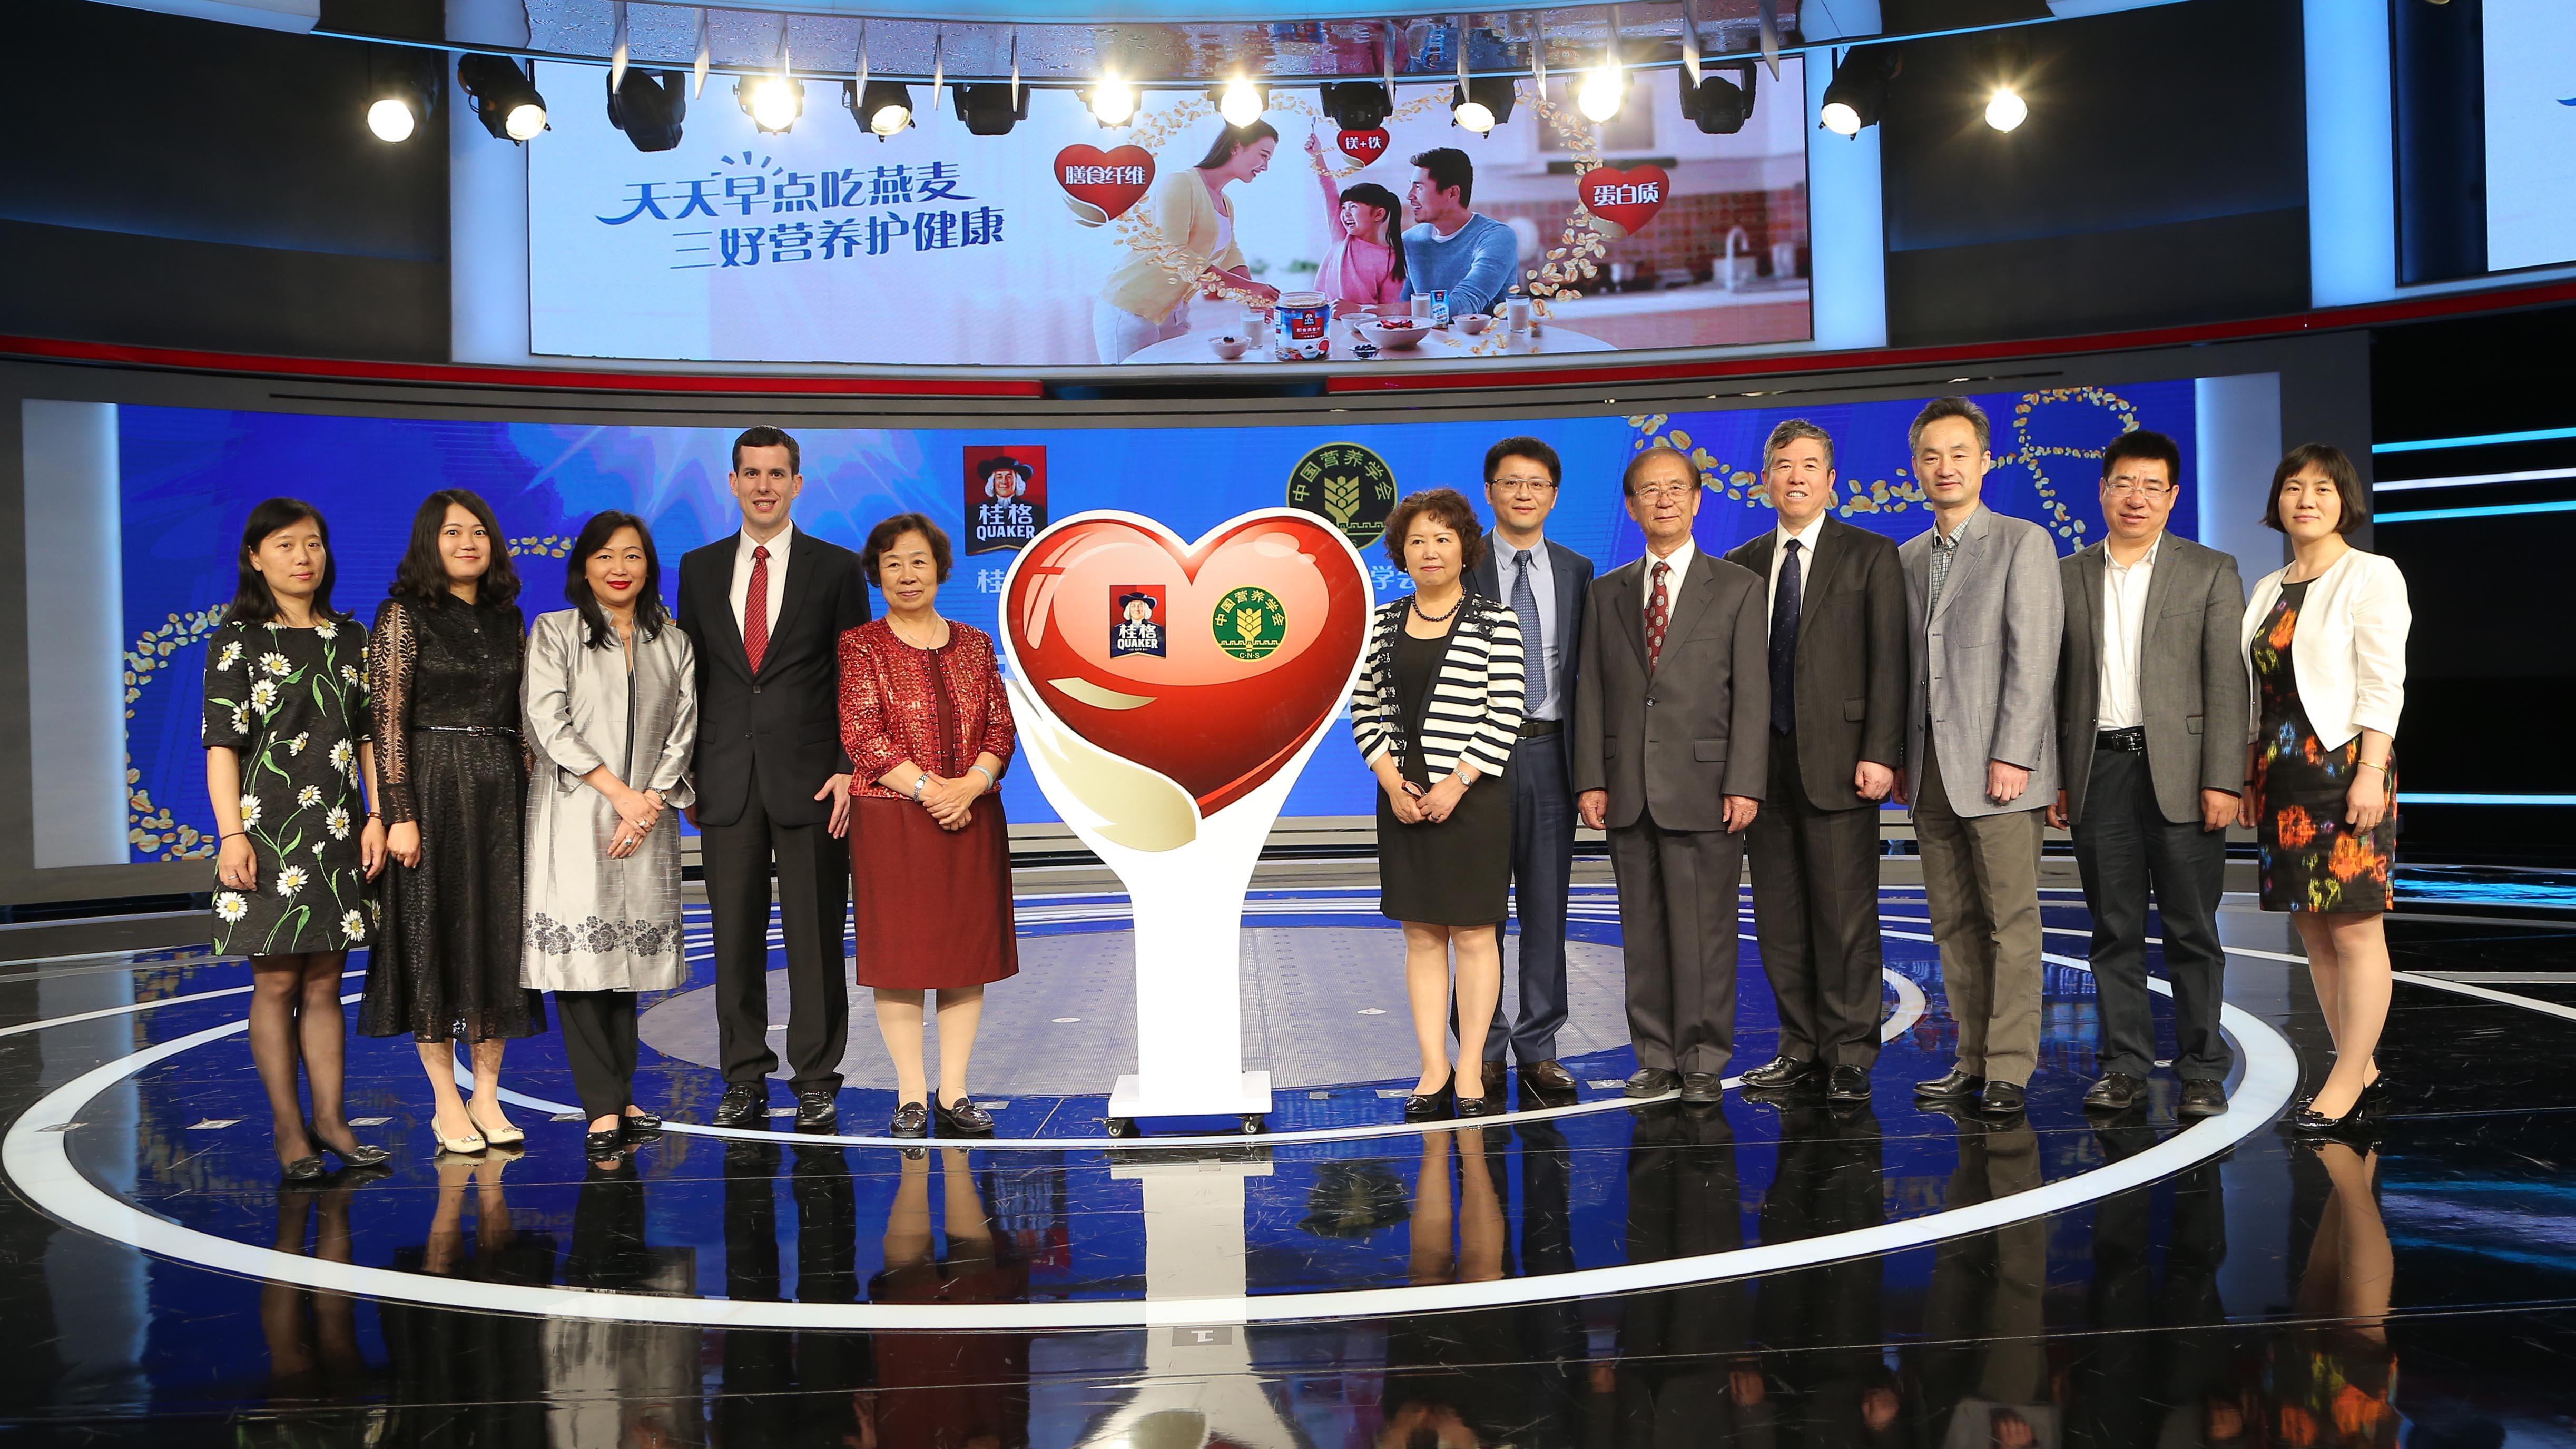 百事公司携手中国营养学会普及中国居民膳食均衡教育